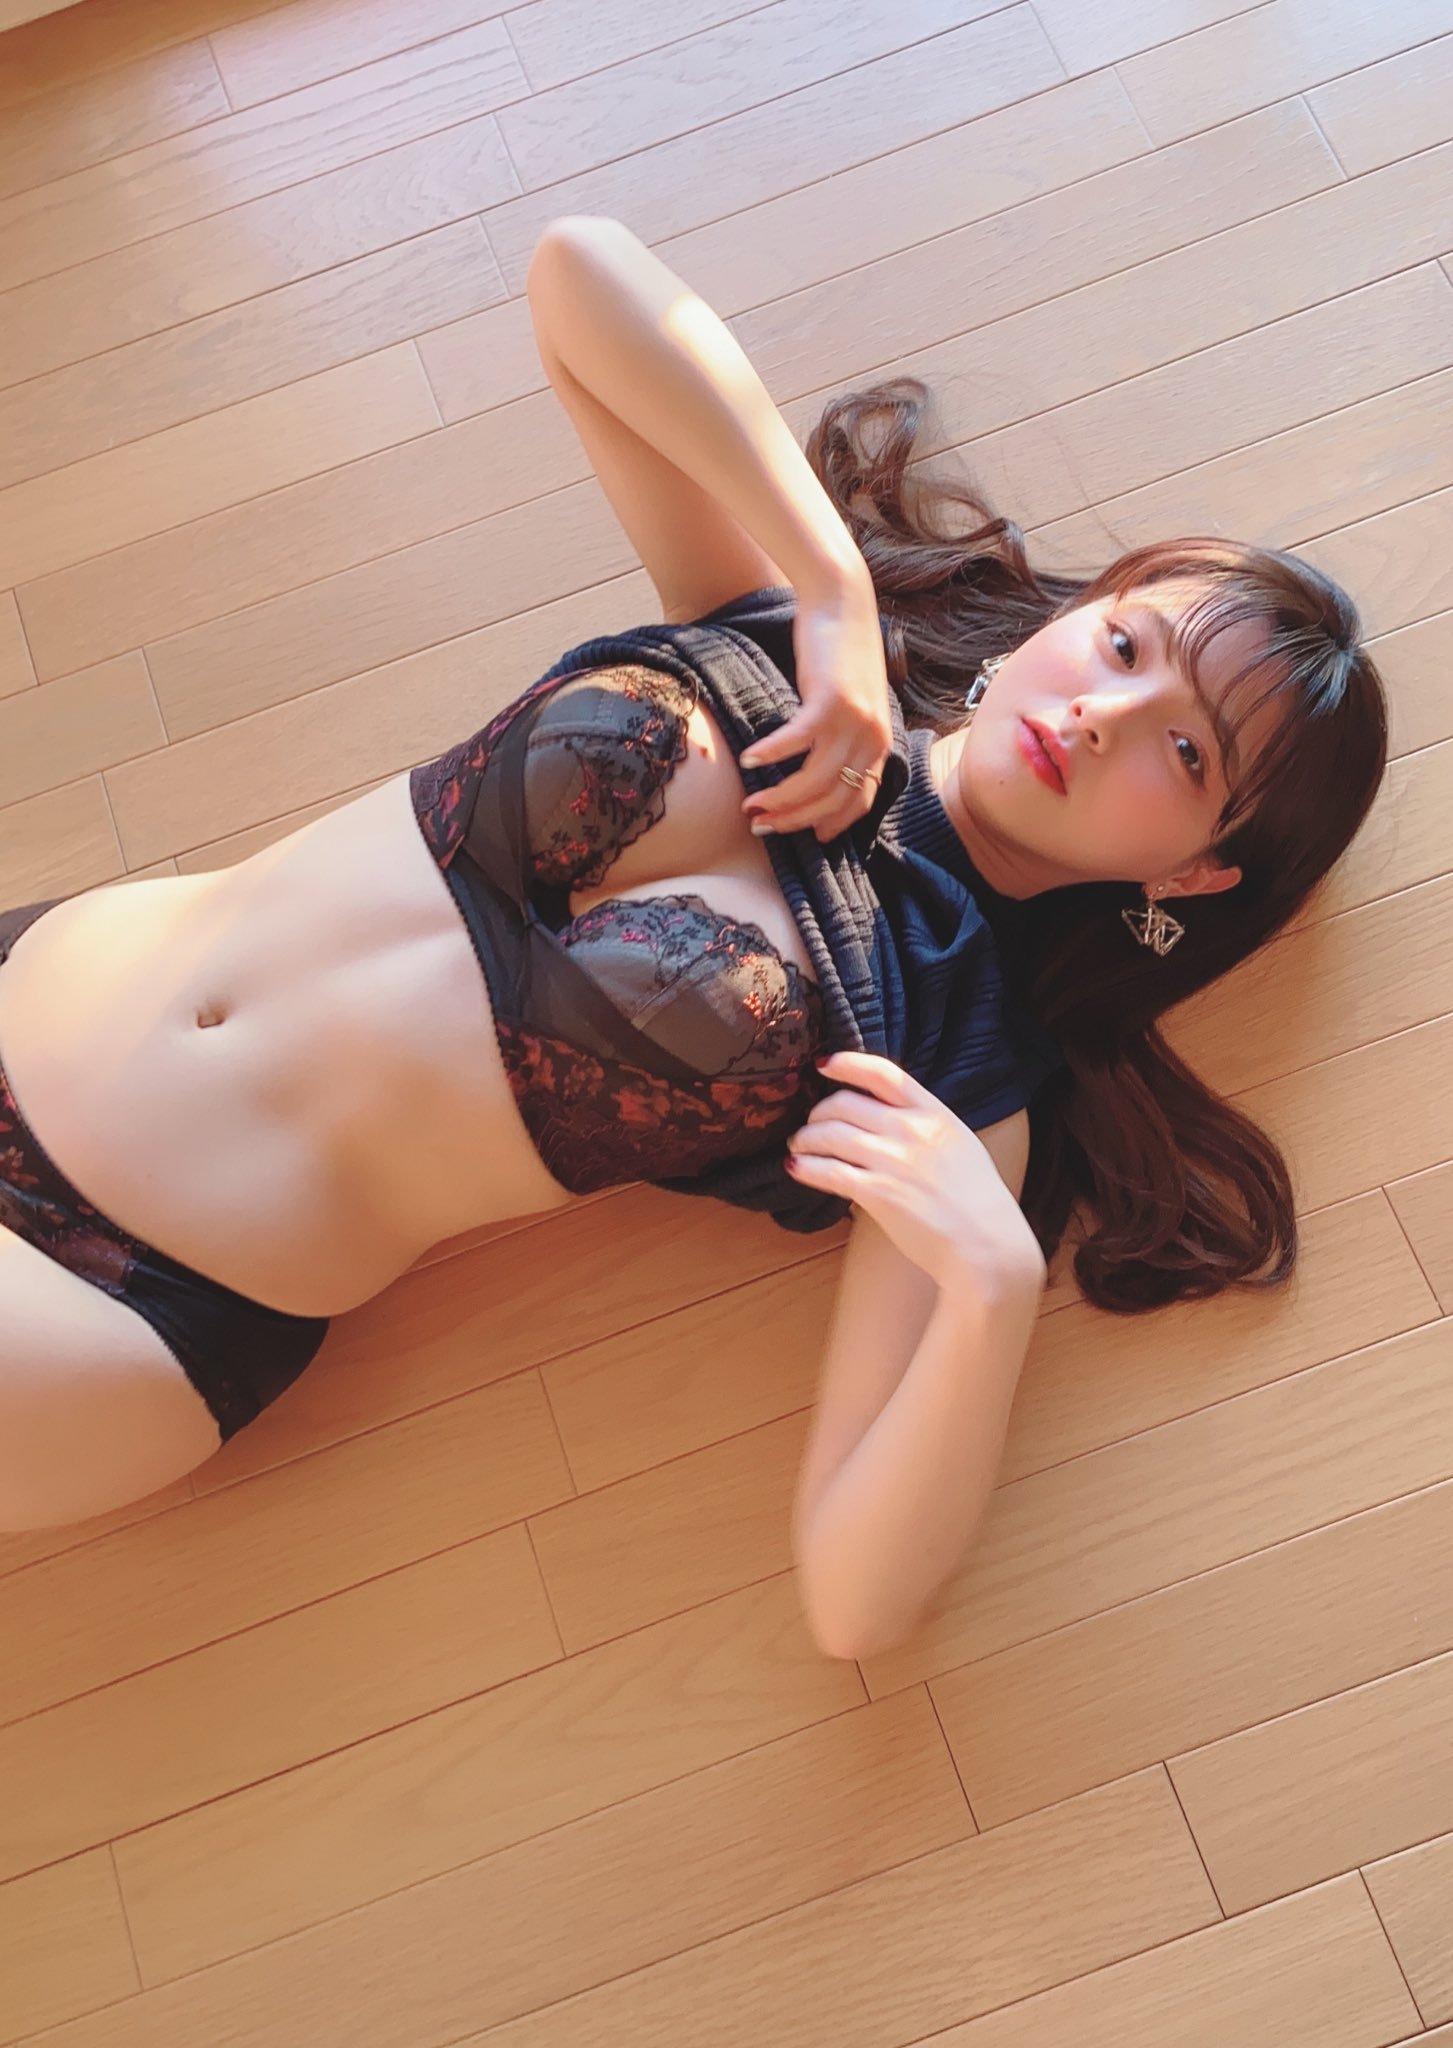 青山光欧派修女内衣 片冈沙耶开胸毛衣甜又美